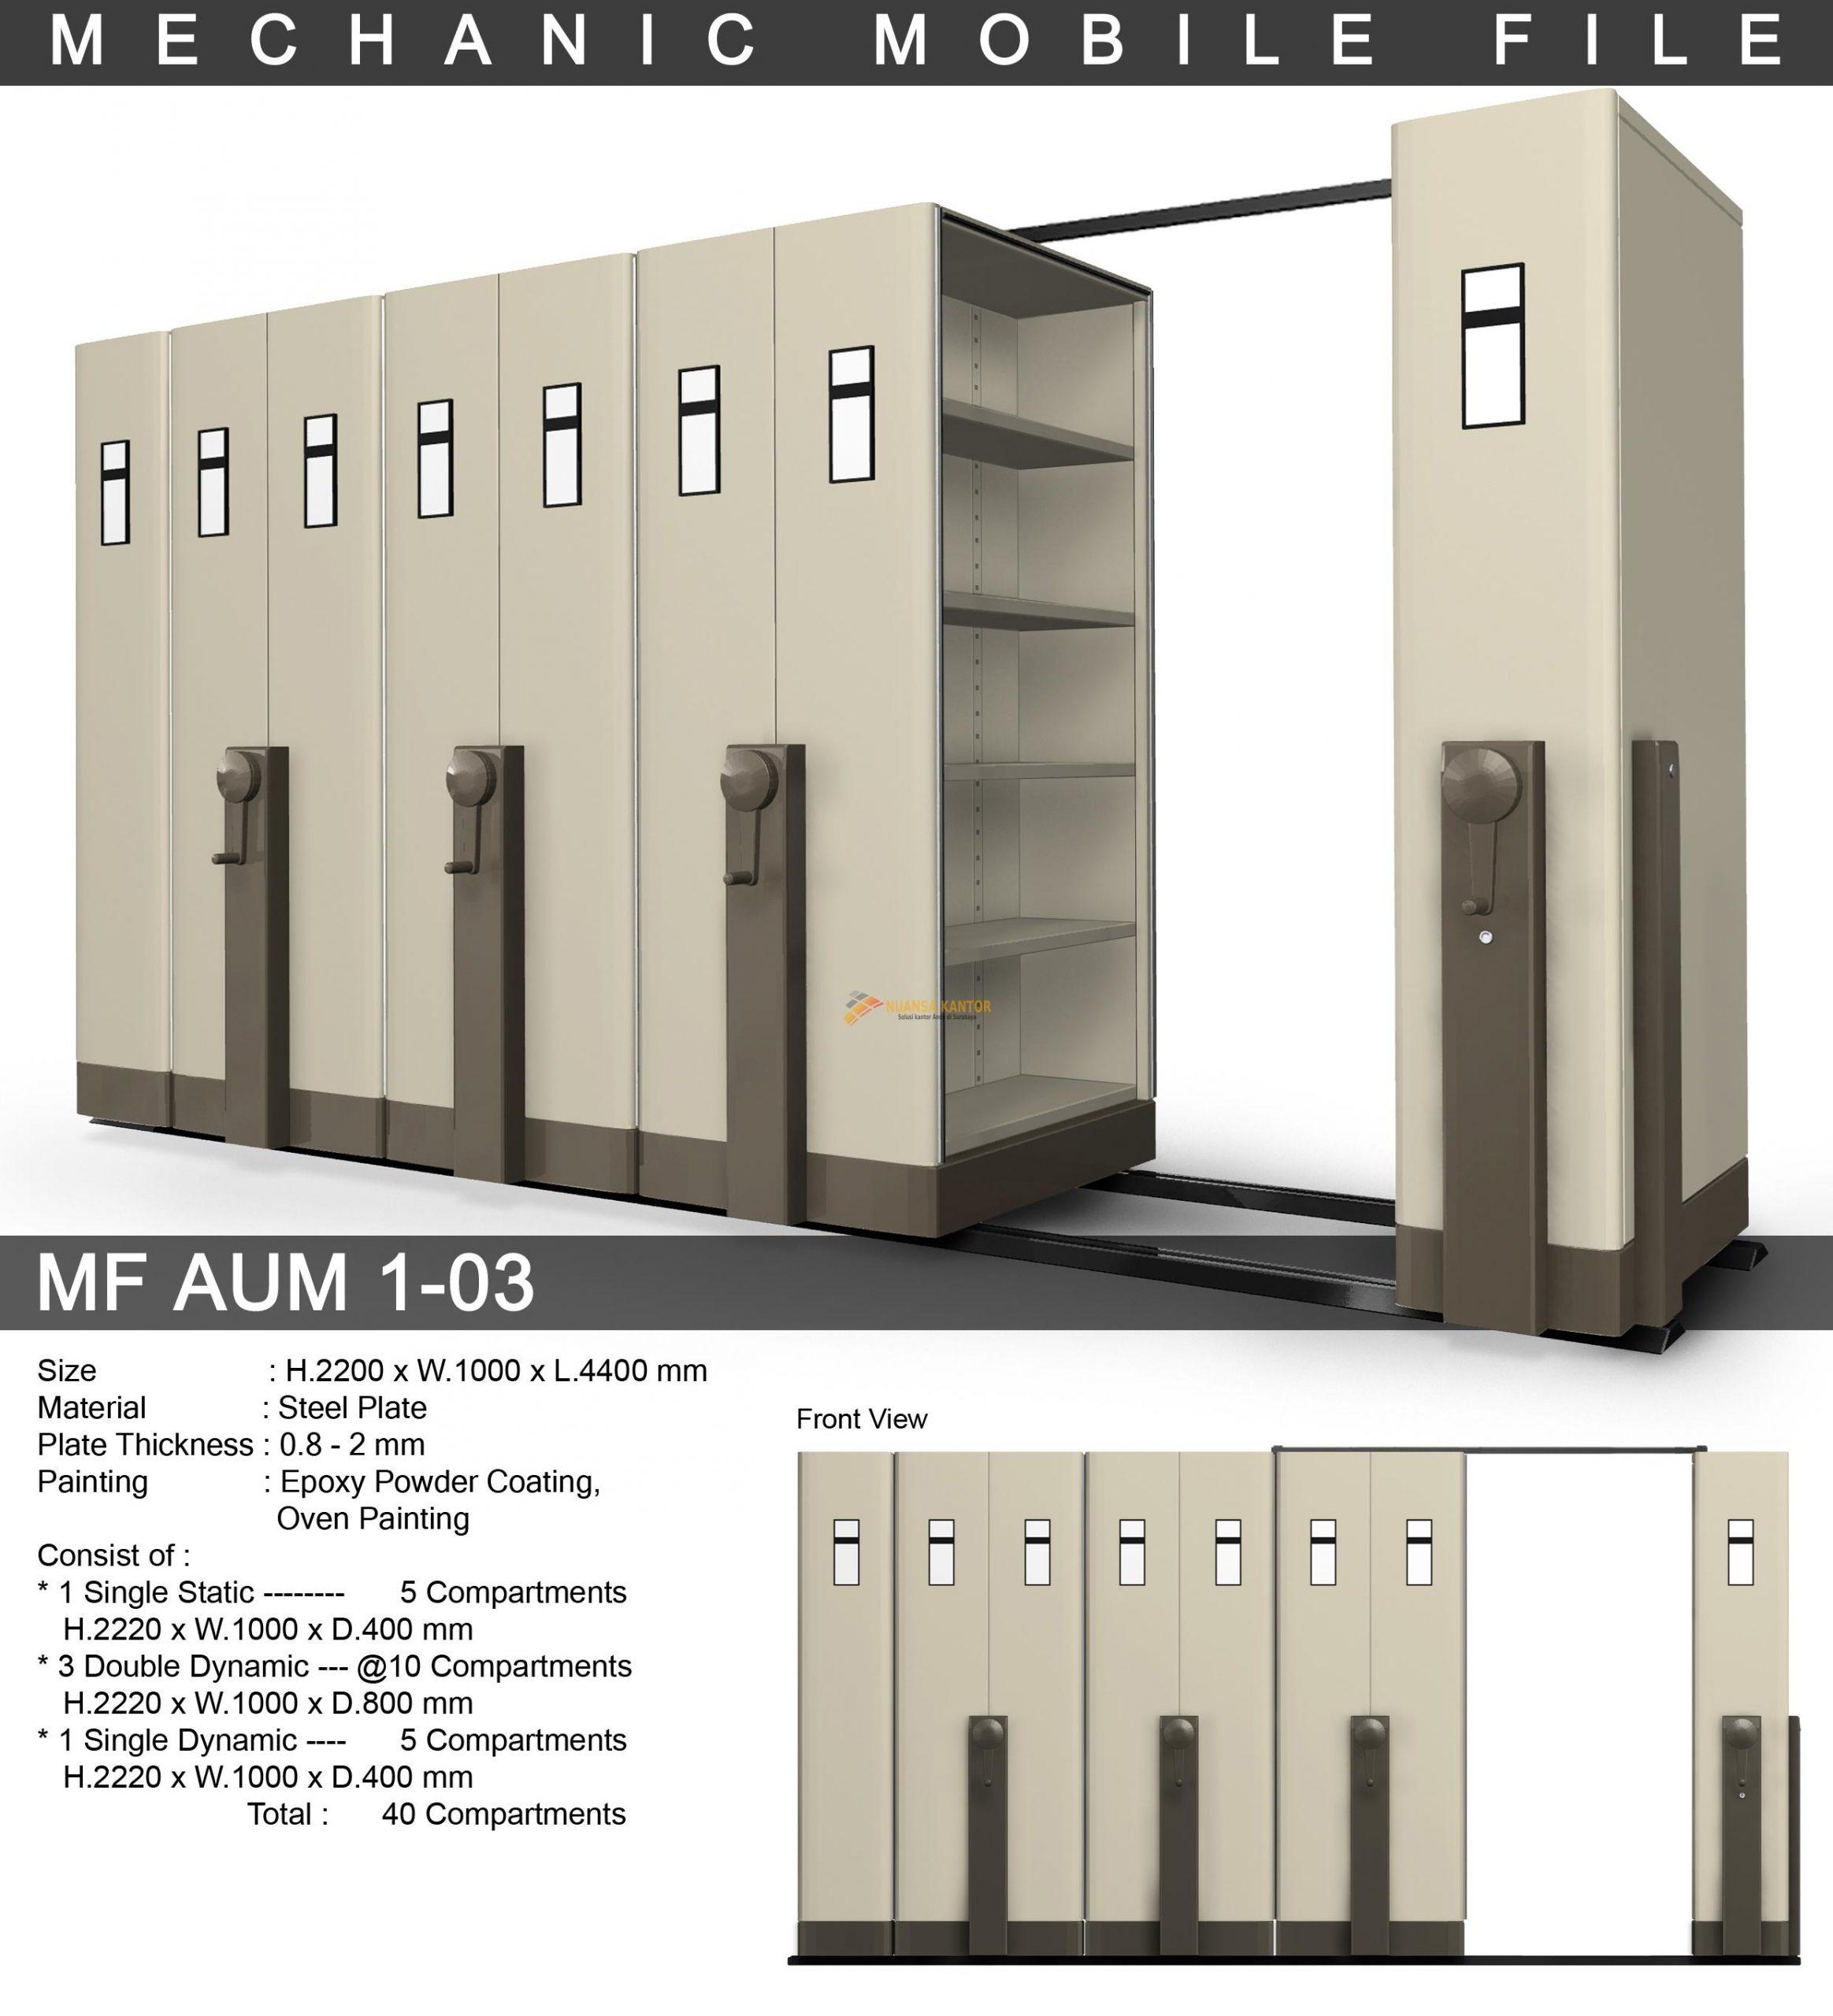 Mobile File Alba Mekanik MF AUM 1-03 ( 40 Compartments )